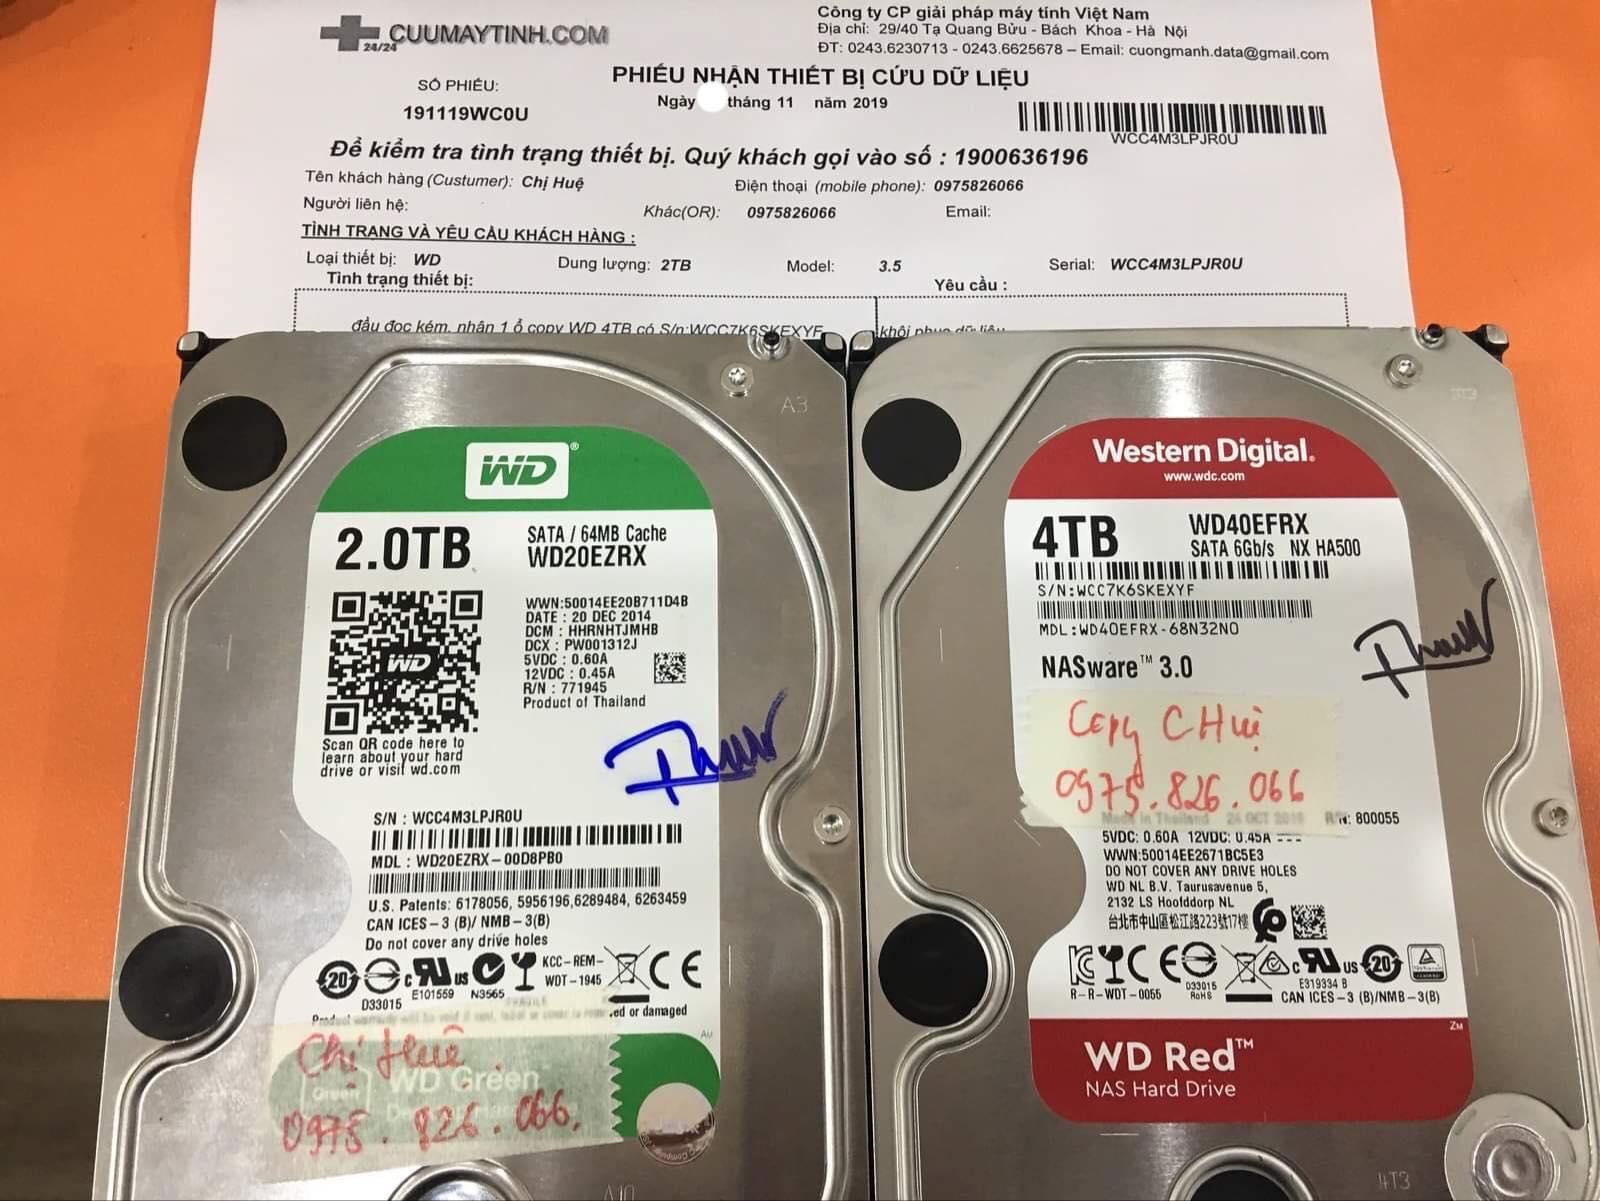 Khôi phục dữ liệu ổ cứng Western 2TB đầu đọc kém 29/11/2019 - cuumaytinh